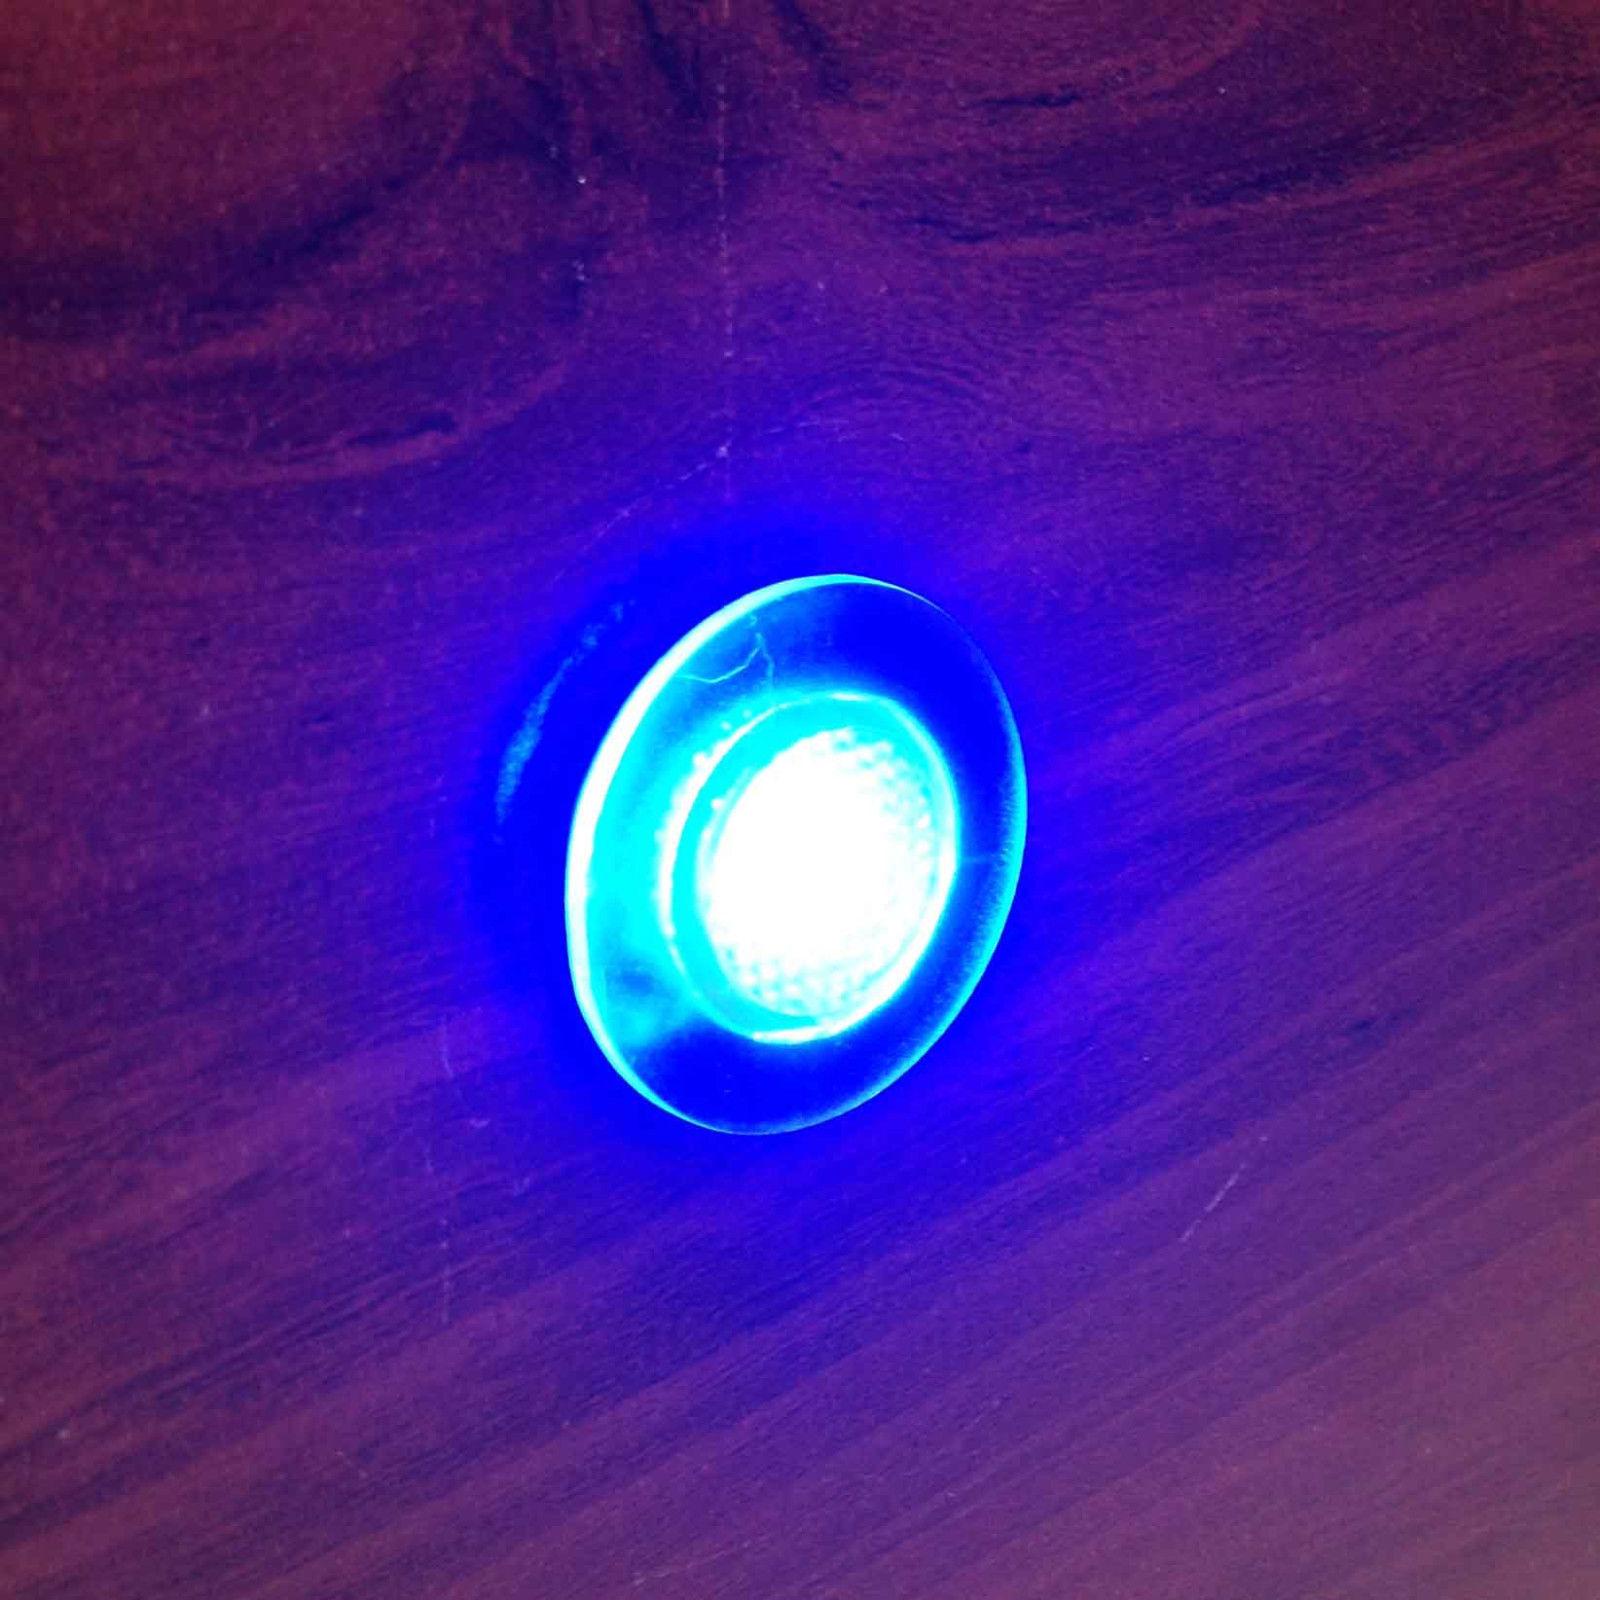 Marine Led Boat Lights: MARINE BOAT LED LIVEWELL ROUND BUTTON BLUE COURTESY LIGHT